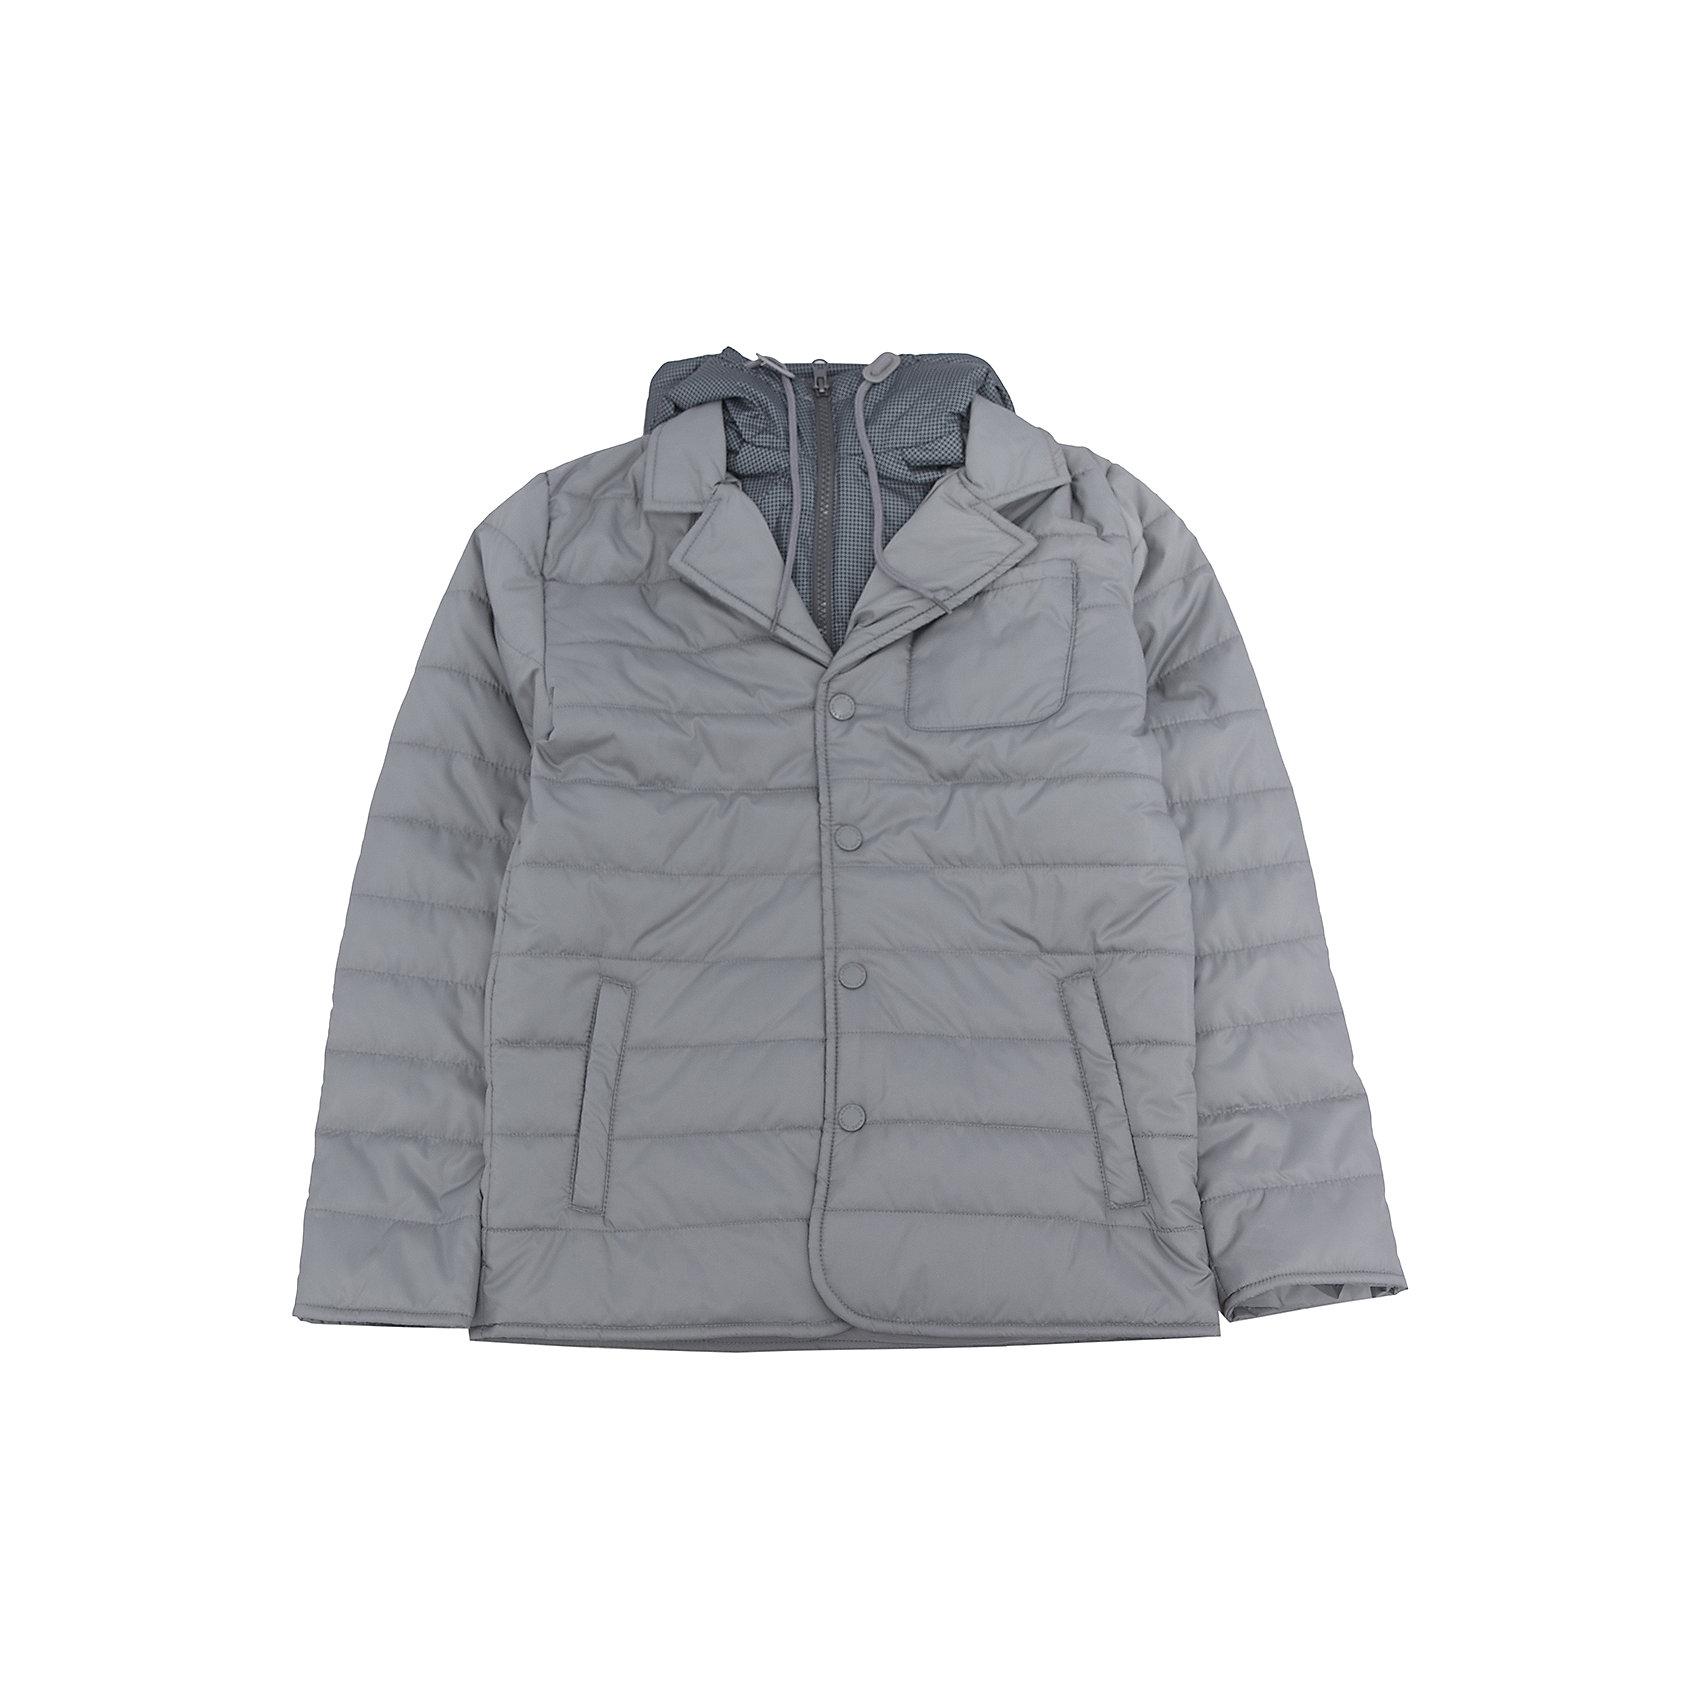 Куртка для мальчика SELAХарактеристики:<br><br>• Вид детской и подростковой одежды: куртка<br>• Пол: для мальчика<br>• Предназначение: повседневная<br>• Сезон: демисезон<br>• Температурный режим: до -5? С<br>• Тематика рисунка: без рисунка<br>• Цвет: серый<br>• Материал: полиэстер 100%, утеплитель – полиэстер, 100%<br>• Силуэт: прямой<br>• Длина куртки: до середины бедра<br>• Капюшон: притачной, с карабинами и молнией<br>• Воротник: отложной, пиджачного типа<br>• Застежка: пуговицы, спереди<br>• Спереди имеются карманы <br>• Особенности ухода: допускается щадящая стирка и химчистка<br><br>Куртка для мальчика SELA из коллекции детской и подростковой одежды от знаменитого торгового бренда, который производит удобную, комфортную и стильную одежду, предназначенную как для будней, так и для праздников. Куртка выполнена из полиэстера, который обладает влагонепроницаемыми и ветрозащитными свойствами. Утеплитель и подклад обеспечивает поддержание комфортной температуры. Длина куртки – средняя, что защищает спину от продувания. Спереди имеется застежка на на пуговицах и карманы. Особый стилевой дизайн куртке придают отложной воротник пиджачного типа и капюшон контрастного цвета с застежкой молнией. Стеганая курточка выполнена в классическом сером цвете. <br><br>Куртку для мальчика SELA можно купить в нашем интернет-магазине.<br><br>Ширина мм: 356<br>Глубина мм: 10<br>Высота мм: 245<br>Вес г: 519<br>Цвет: серый<br>Возраст от месяцев: 84<br>Возраст до месяцев: 96<br>Пол: Мужской<br>Возраст: Детский<br>Размер: 128,140,152,116<br>SKU: 5305148